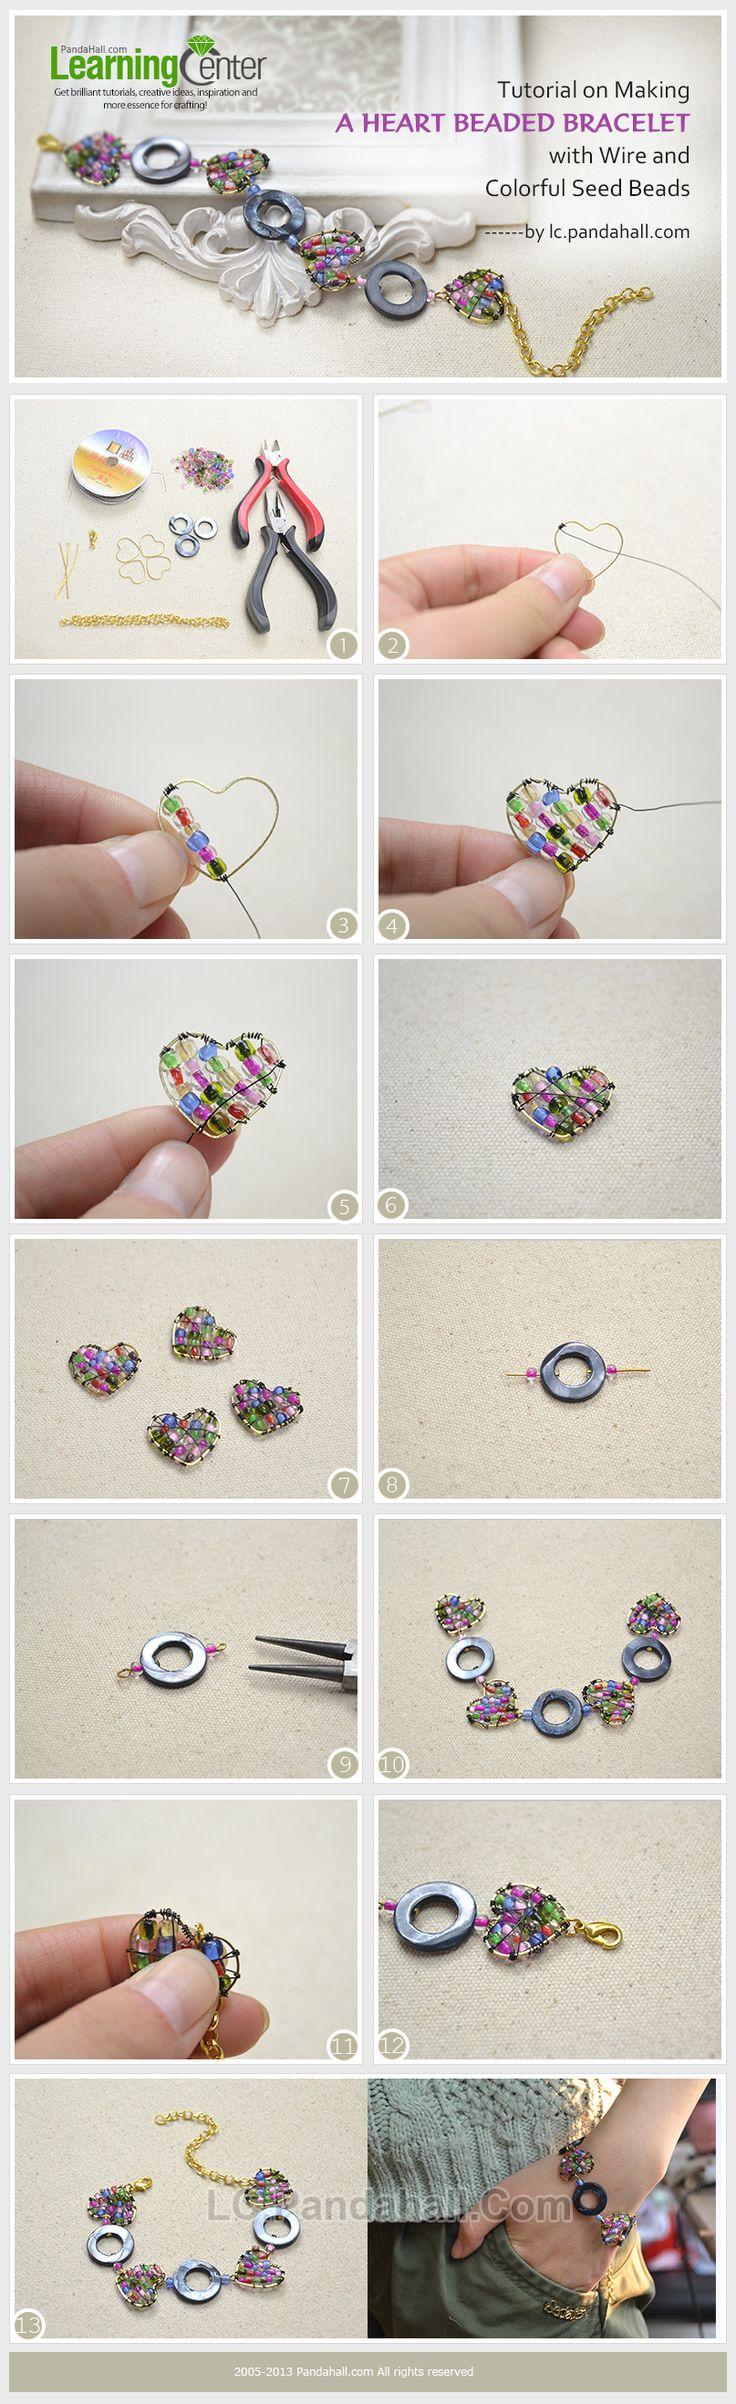 45aebc75ecf297311eebc16dc576b27d.jpg (736×2404) | Jewelry/Wire wrap ...